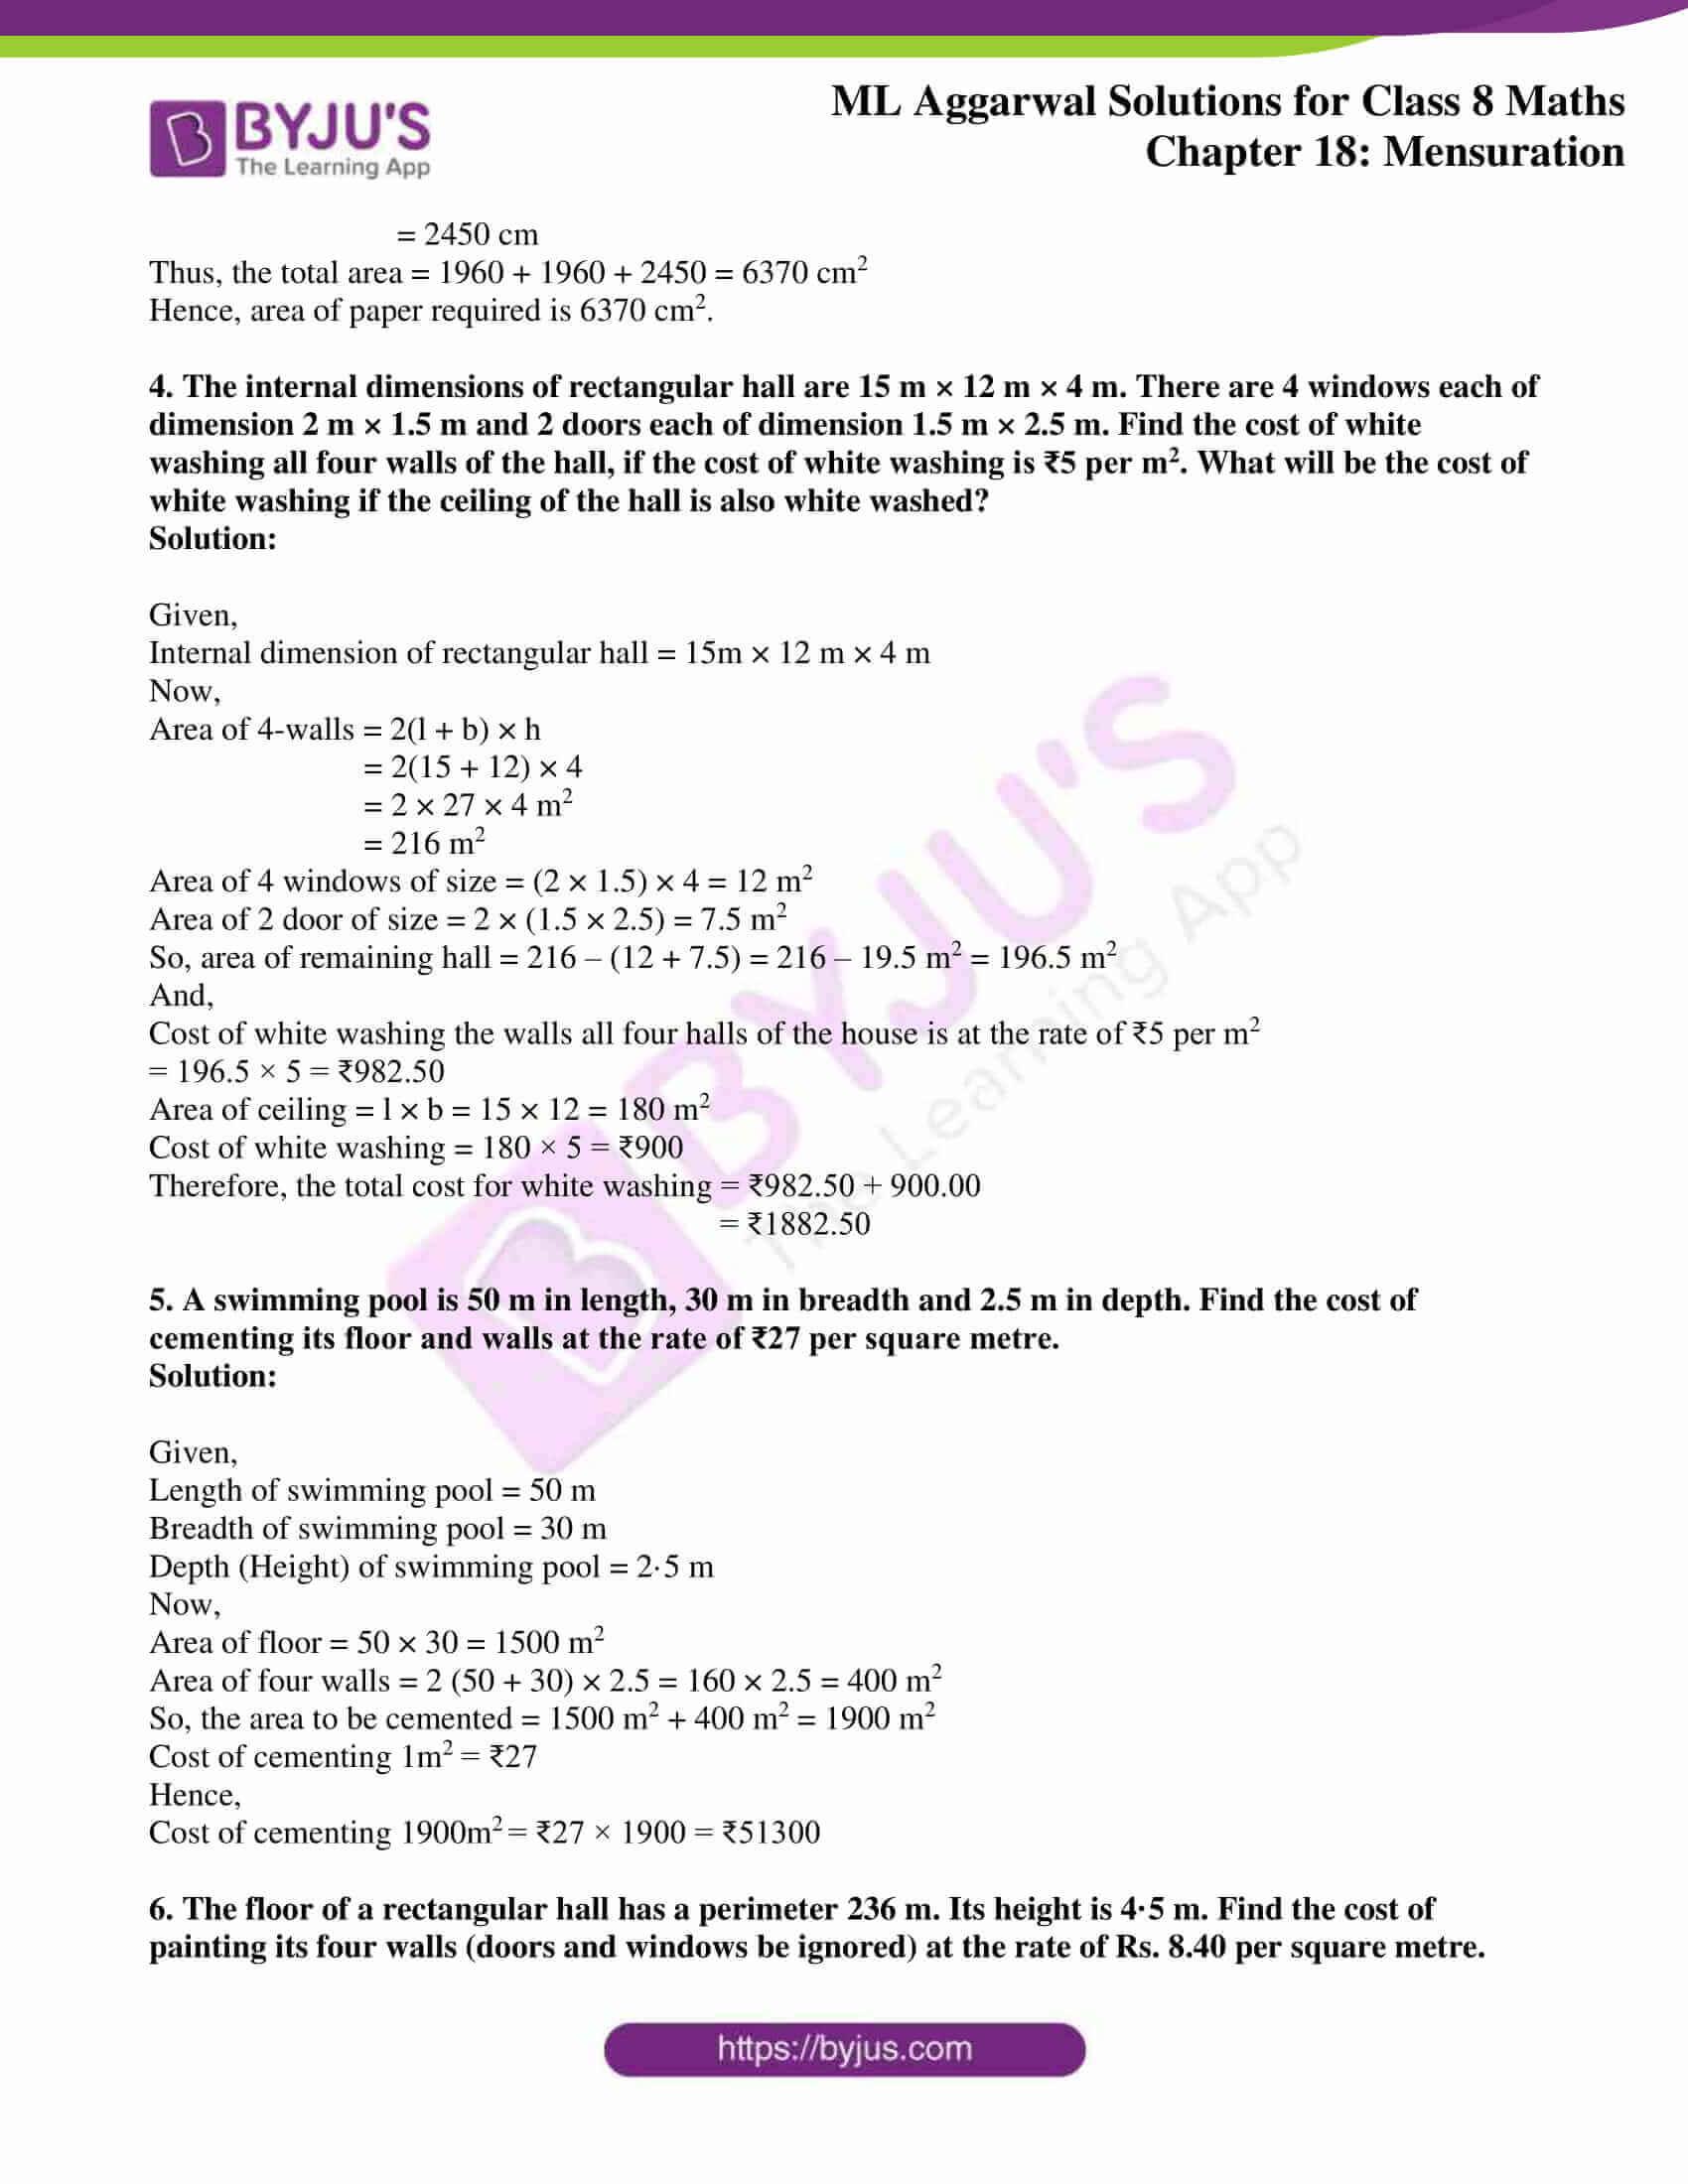 ml aggarwal sol mathematics class 8 ch 18 29